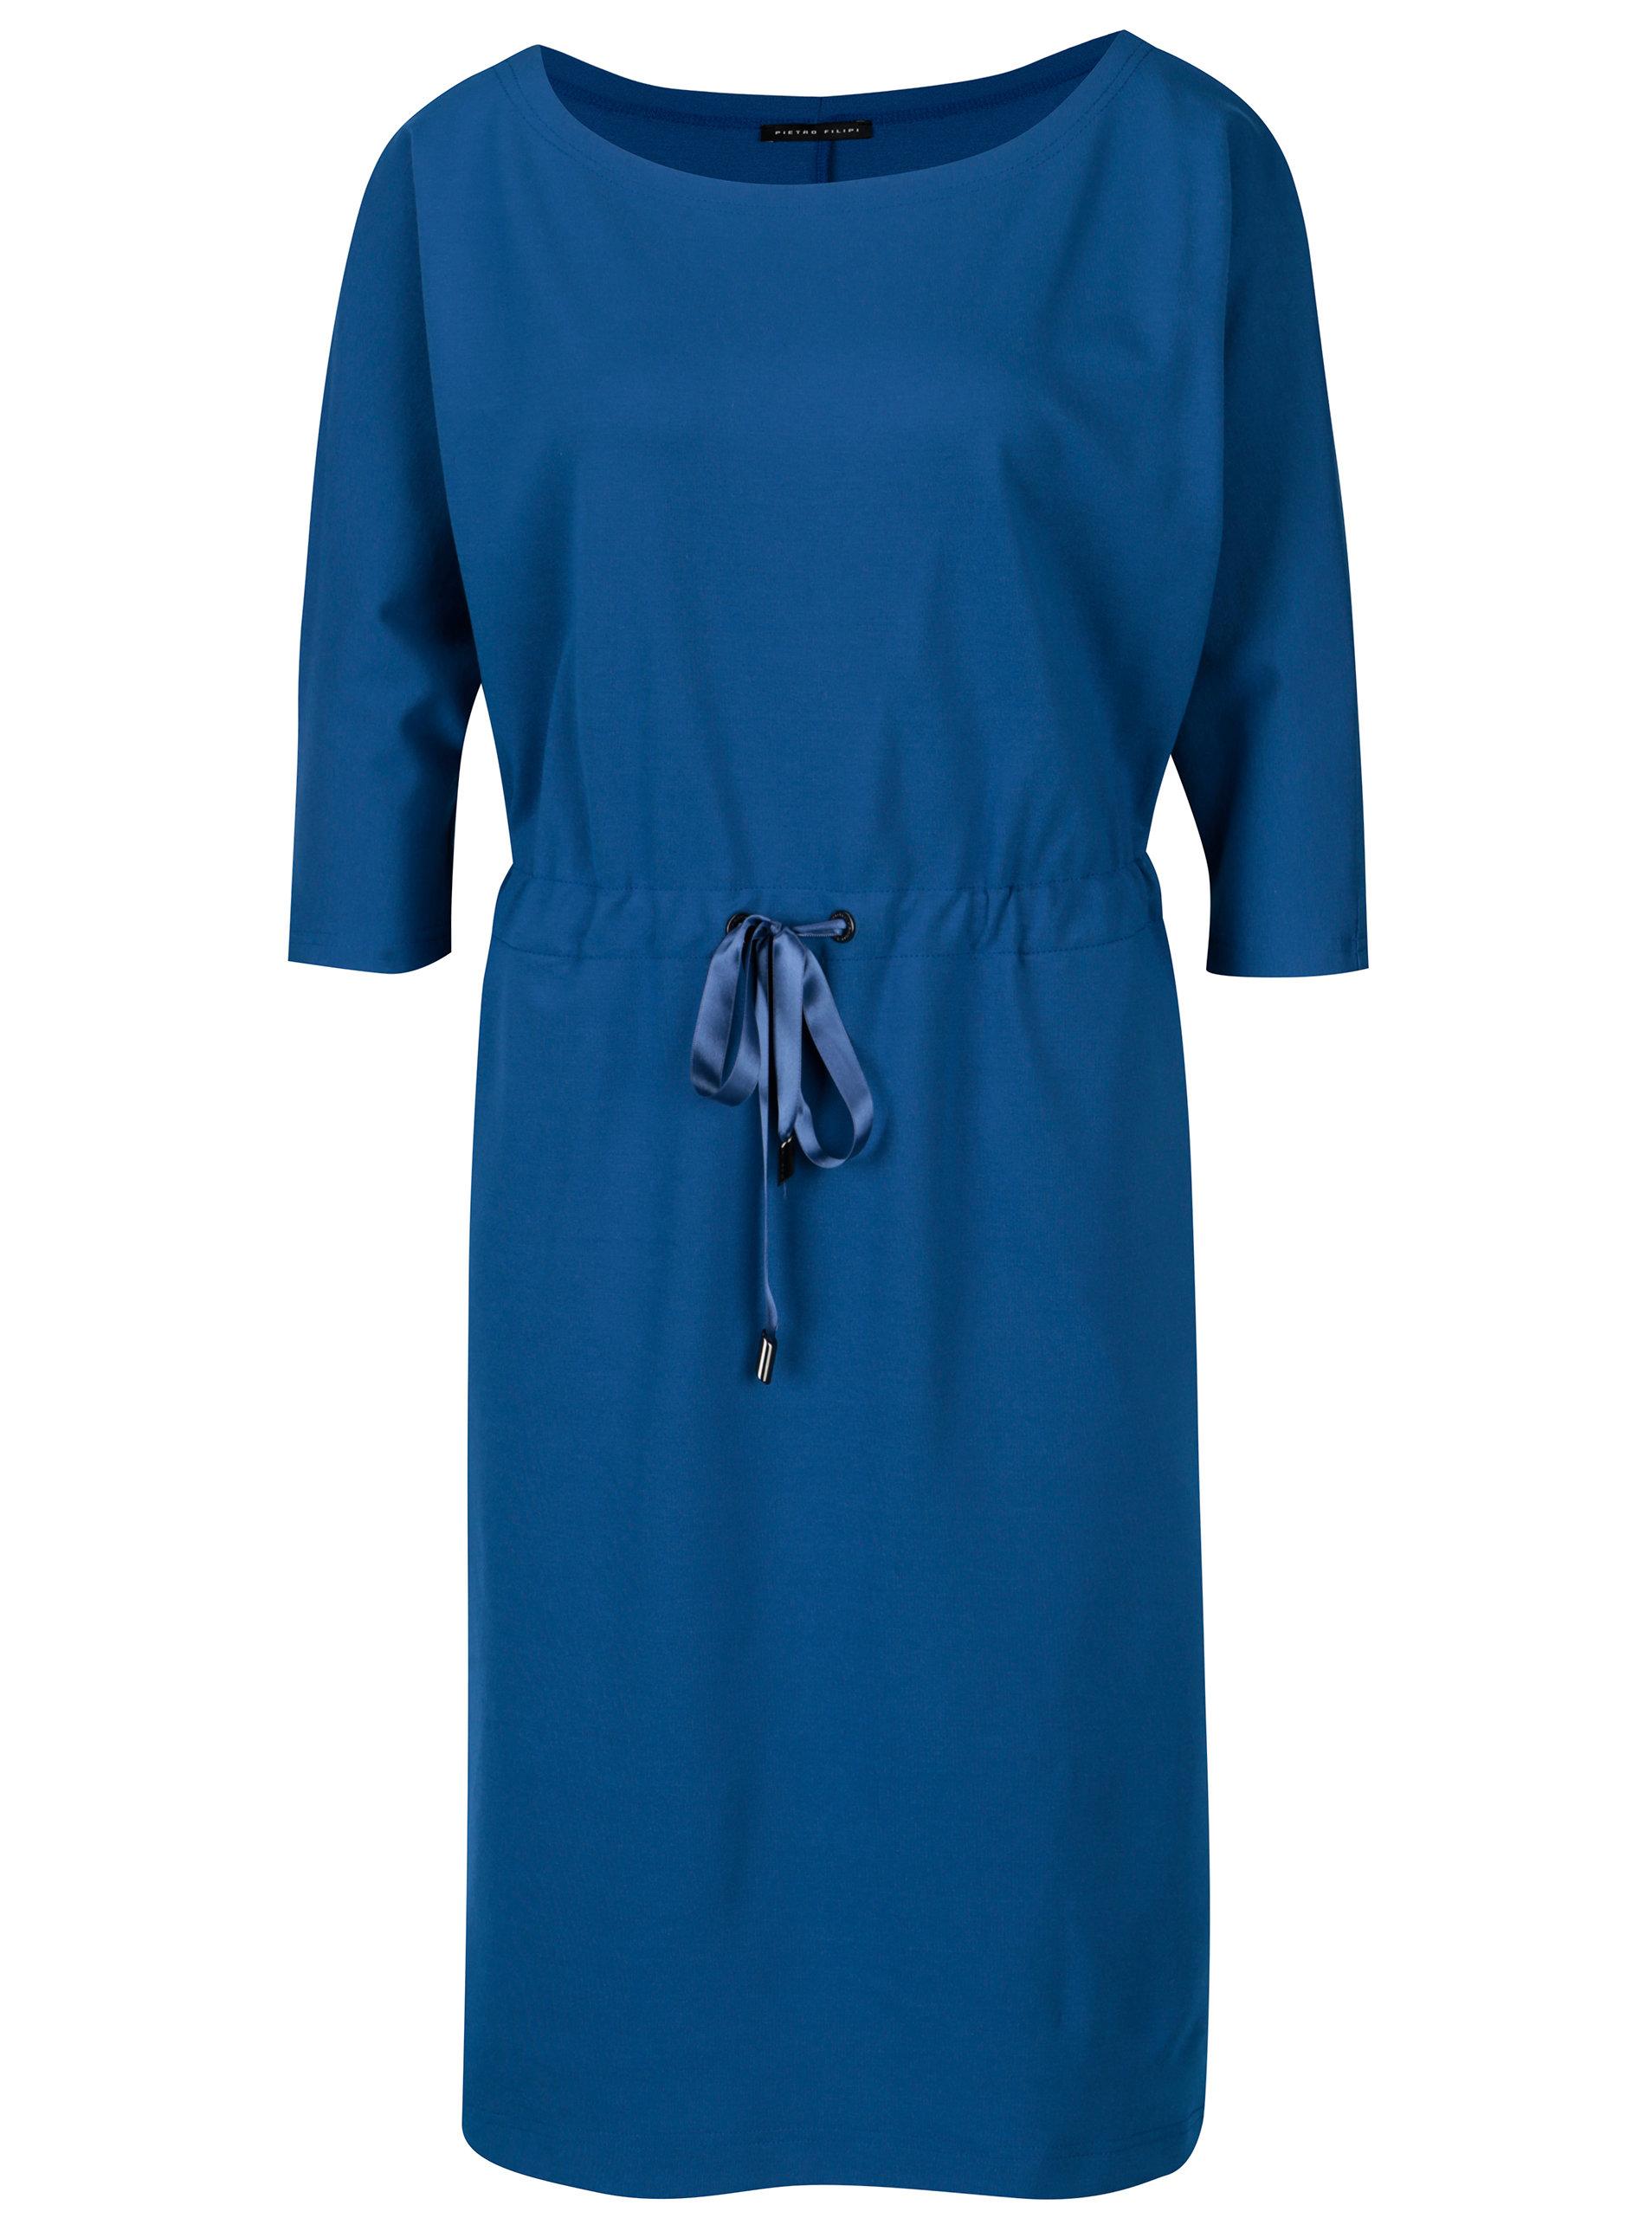 dc2032dc94ae Modré dámské šaty s 3 4 rukávem Pietro Filipi ...